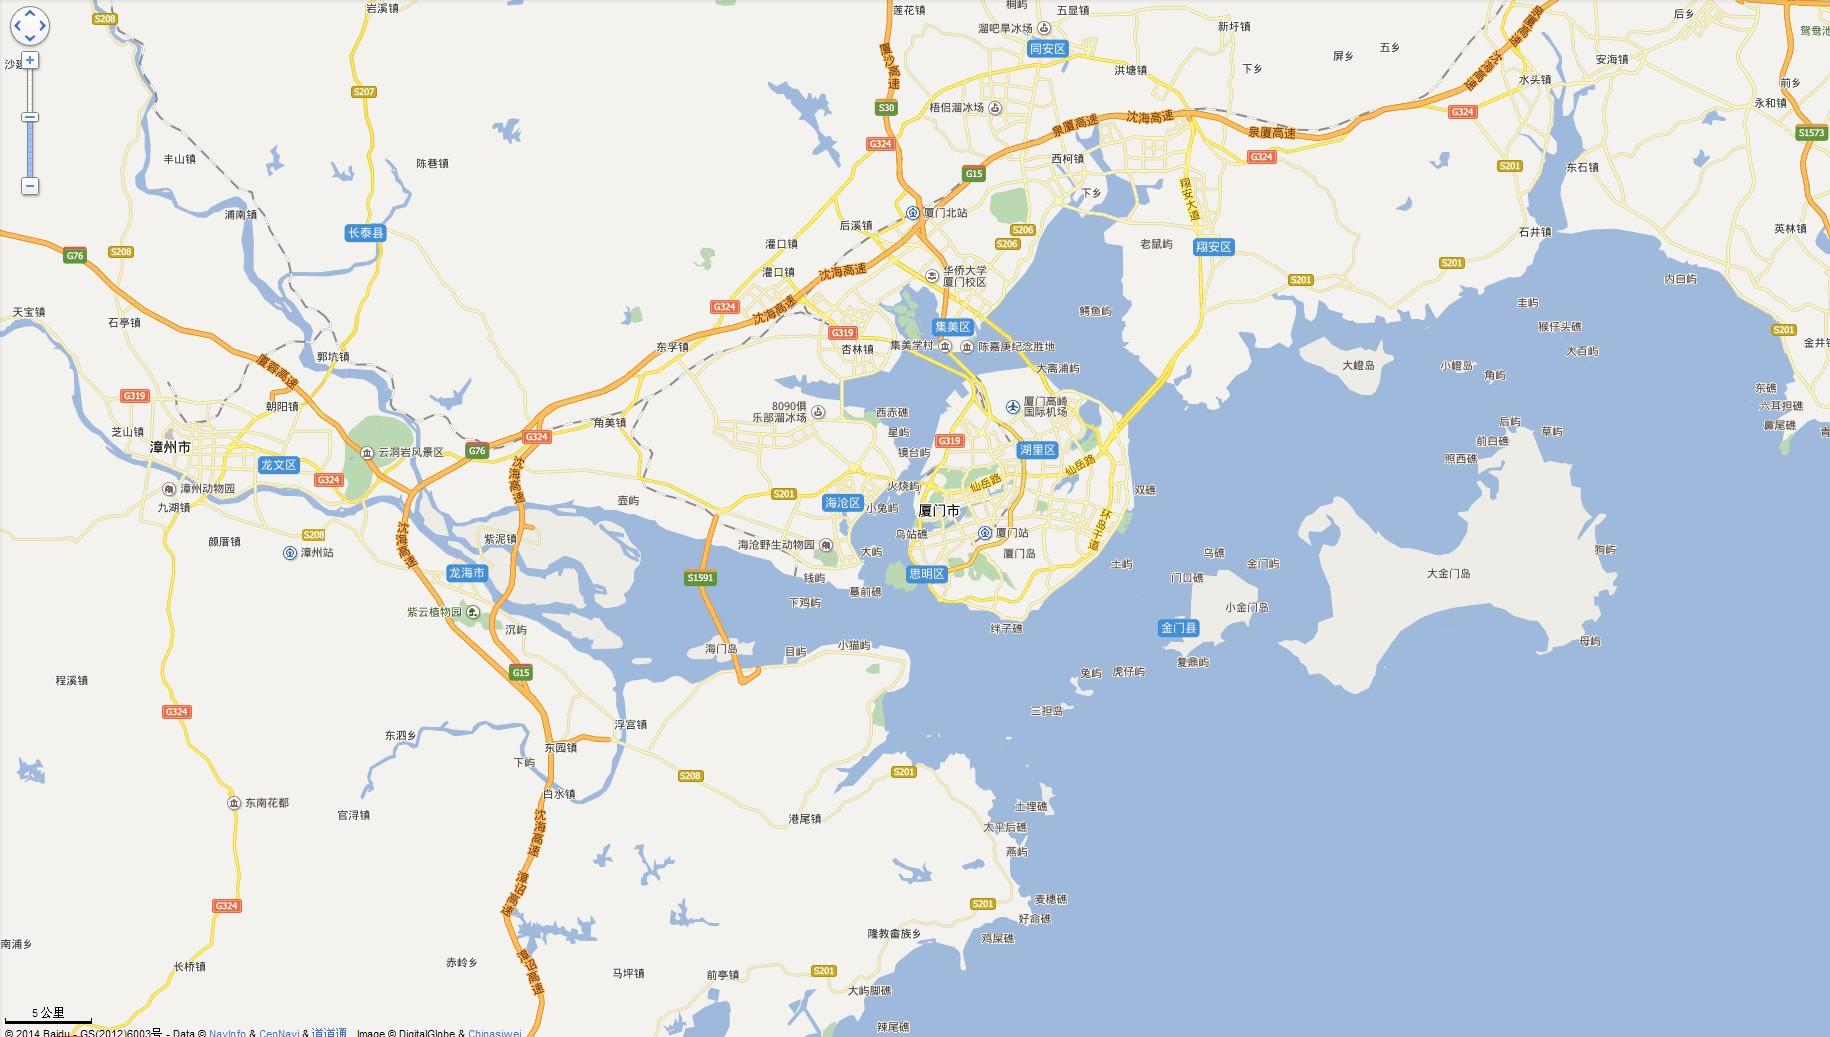 地图库 中国地图 专题 城市概貌地图 >> 厦门概貌图  栏目导航:行政